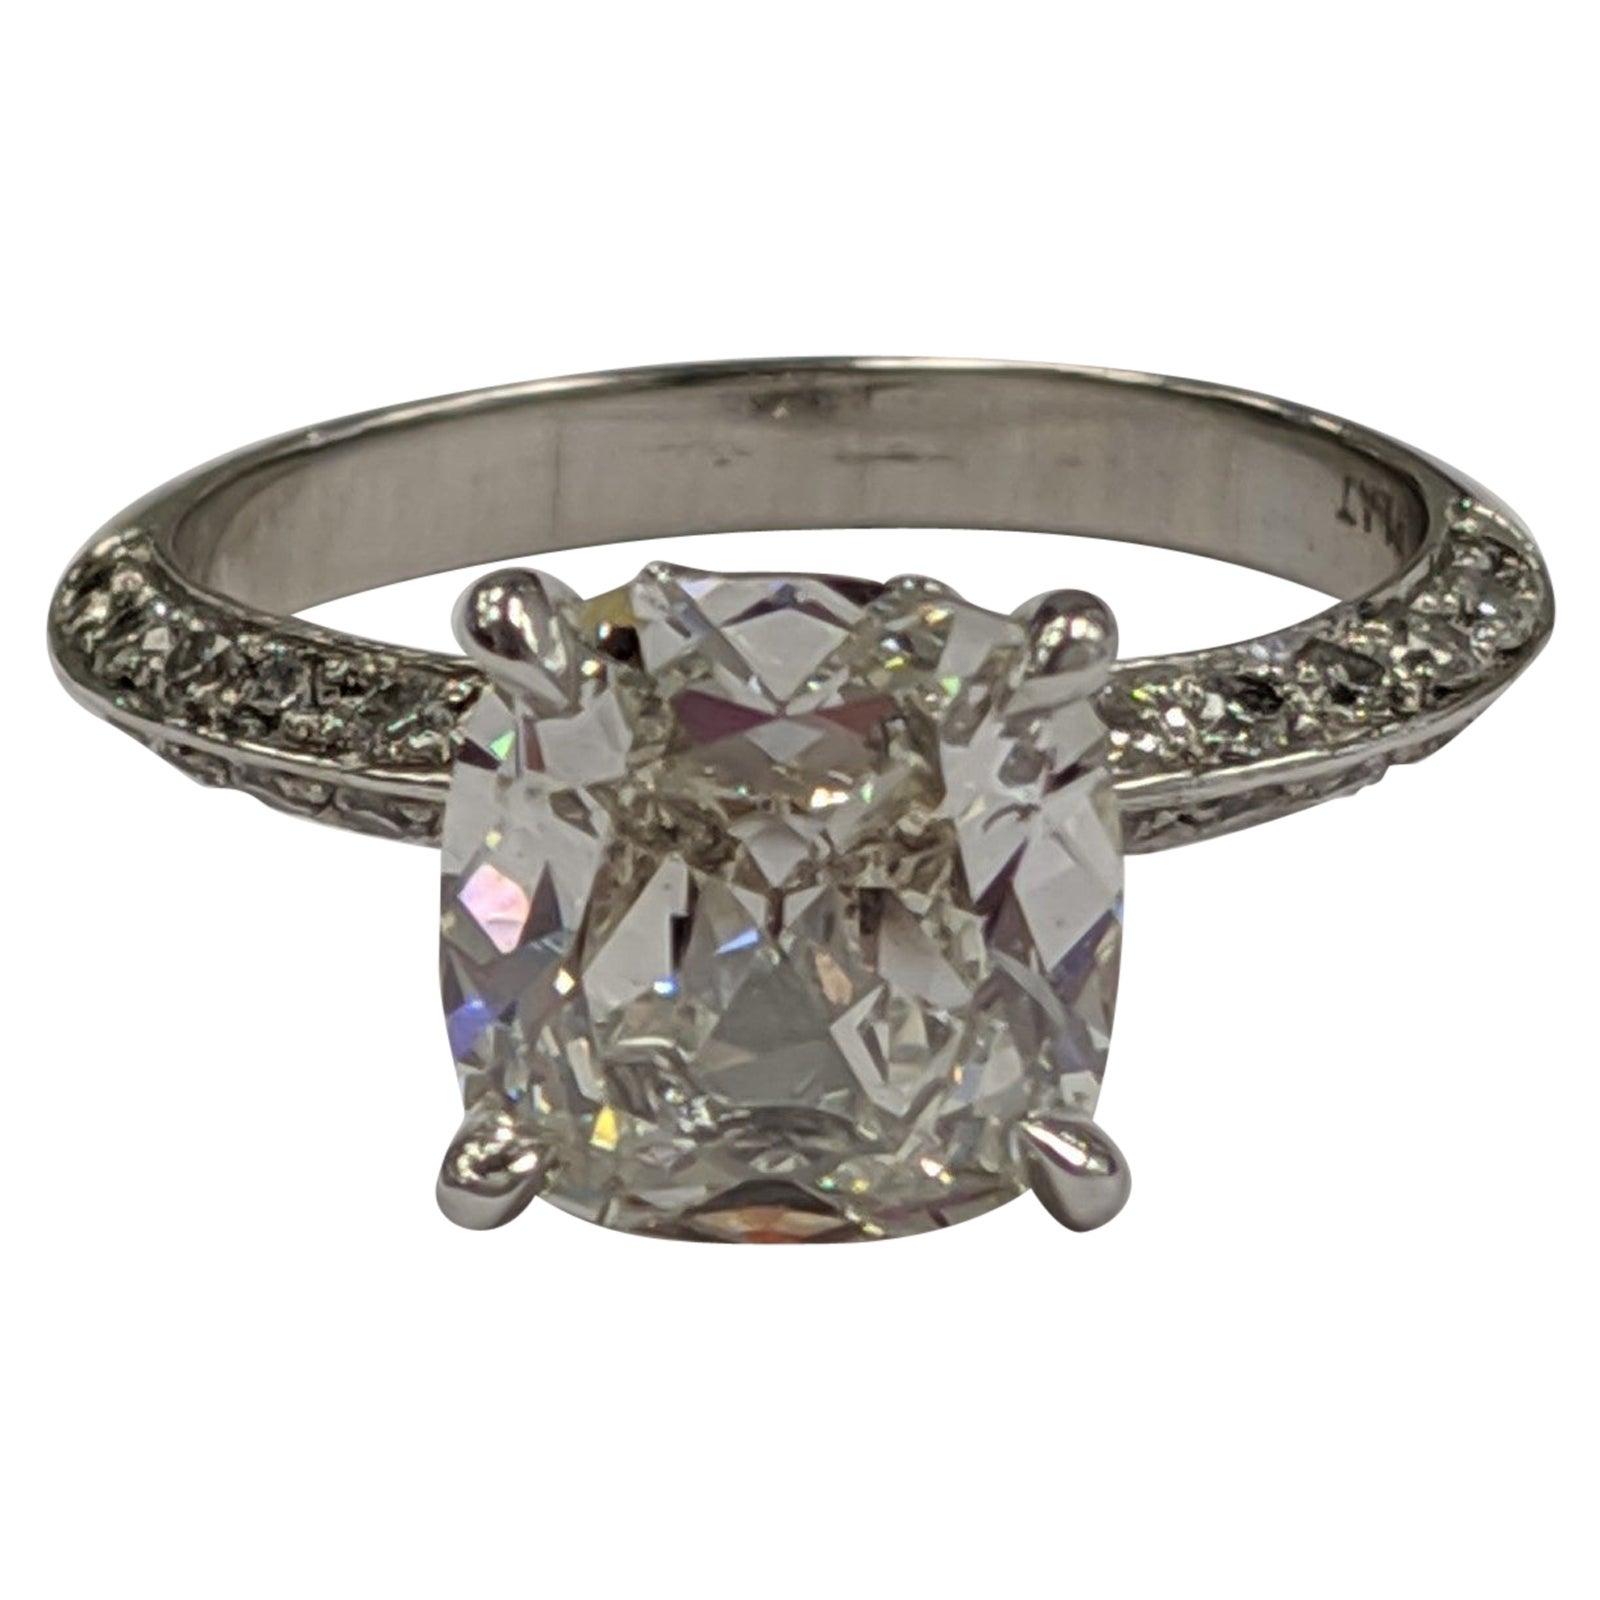 2 Carat Vintage Cushion Cut Diamond Ring GIA J SI1 in Platinum